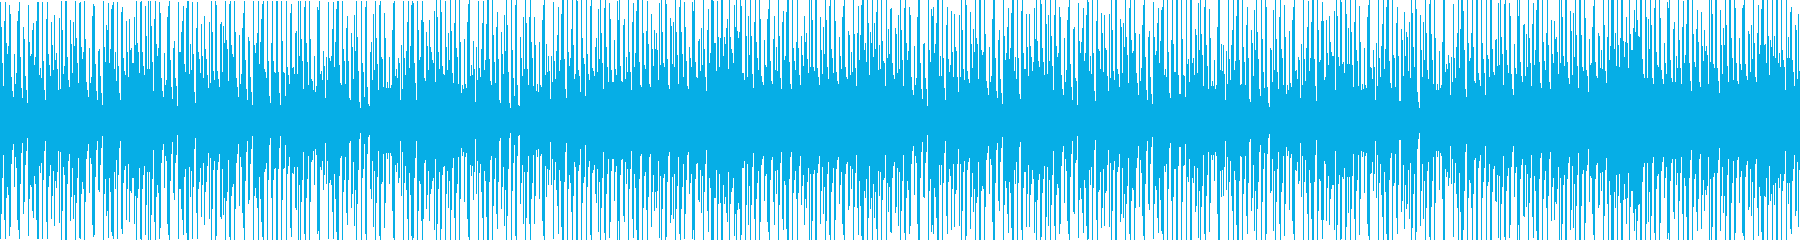 三味線和風ヒップホップインストループ声無の再生済みの波形